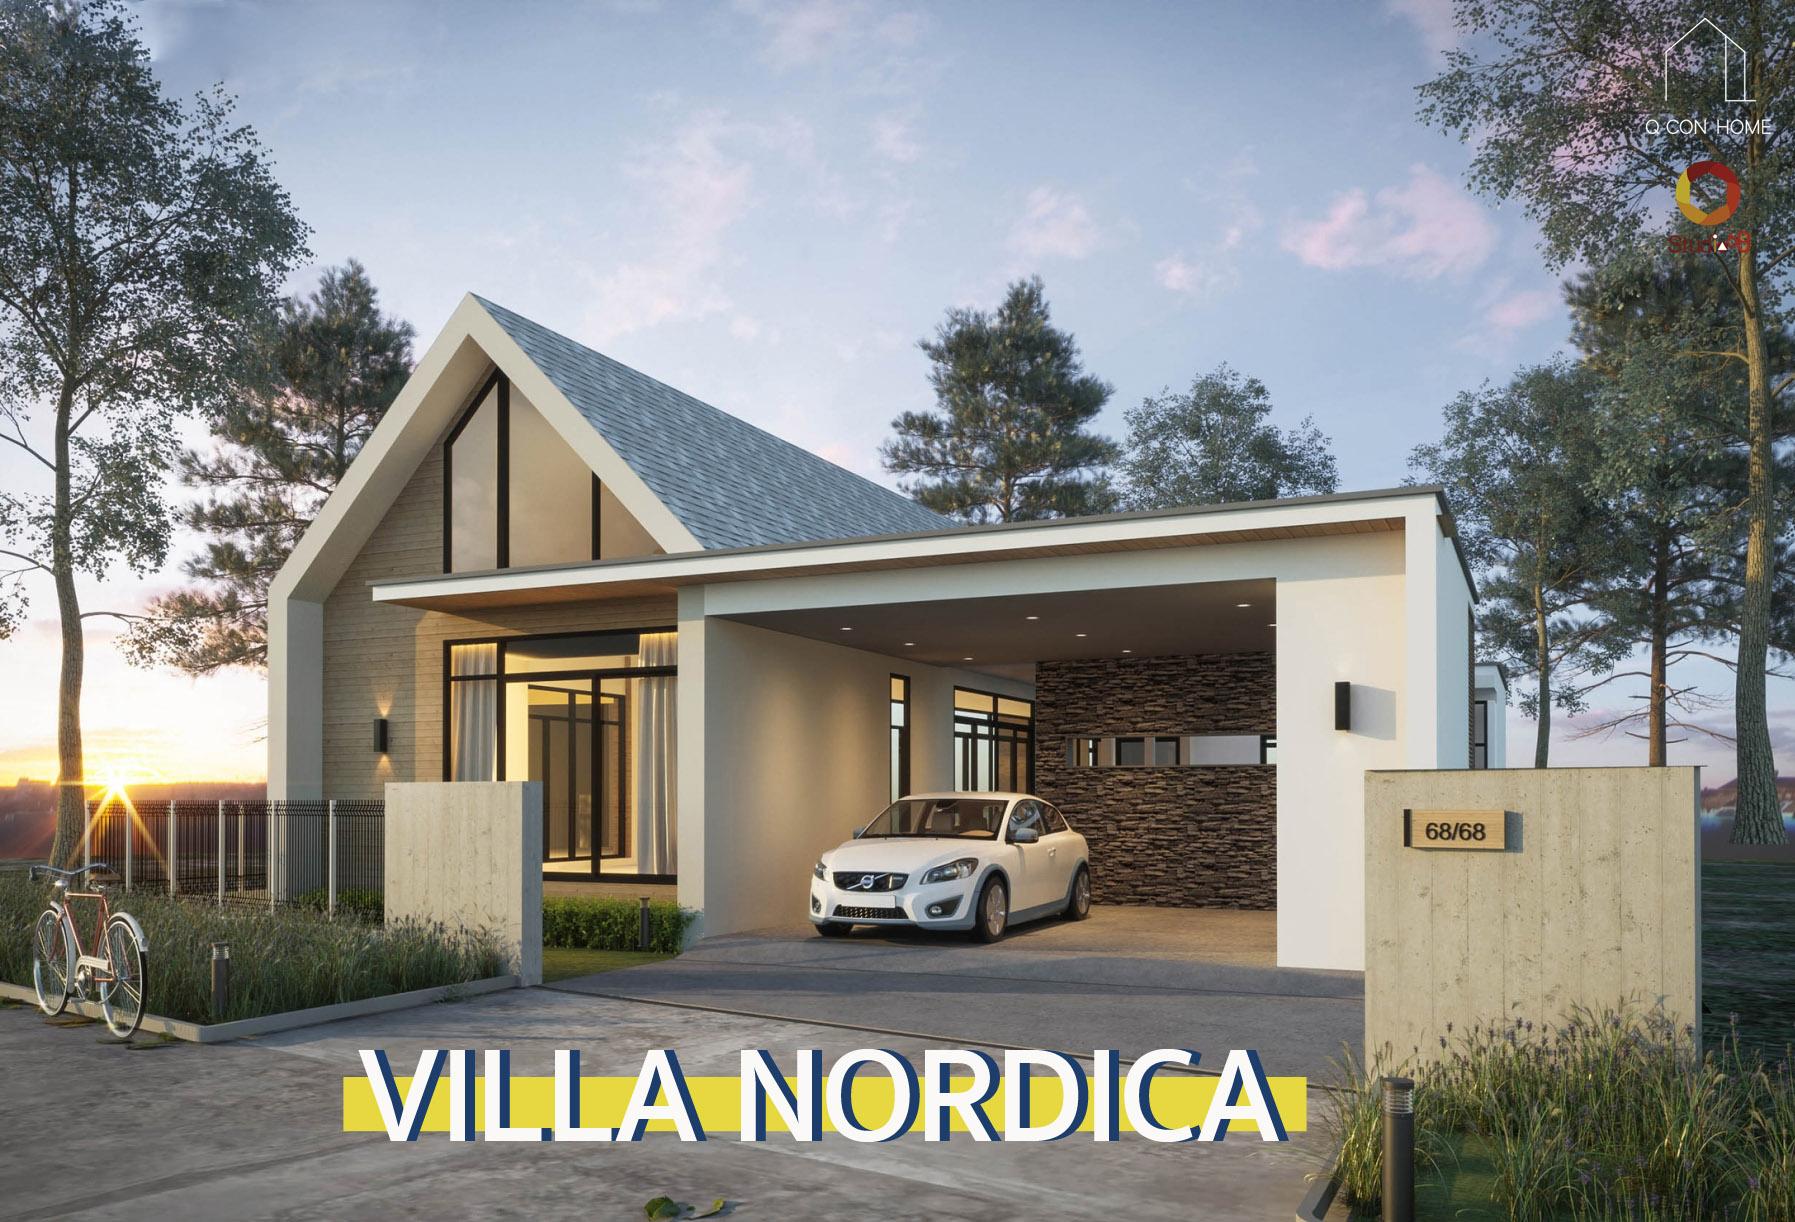 บ้านสไตล์ Nordic, Scandinavian Style, นอร์ดิก